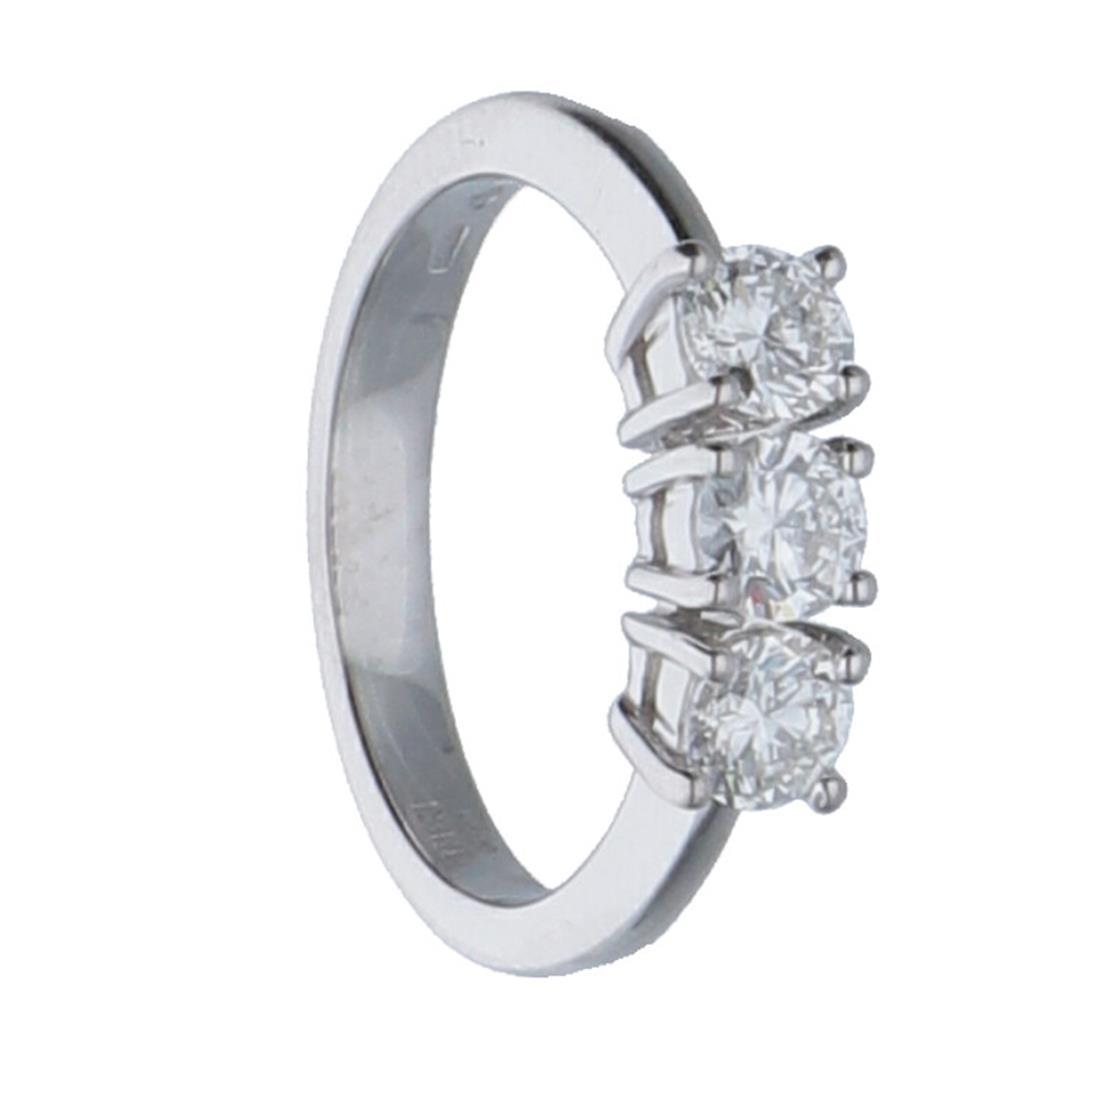 Anello trilogy in oro bianco con diamanti mis 12.5 - ALFIERI & ST.JOHN